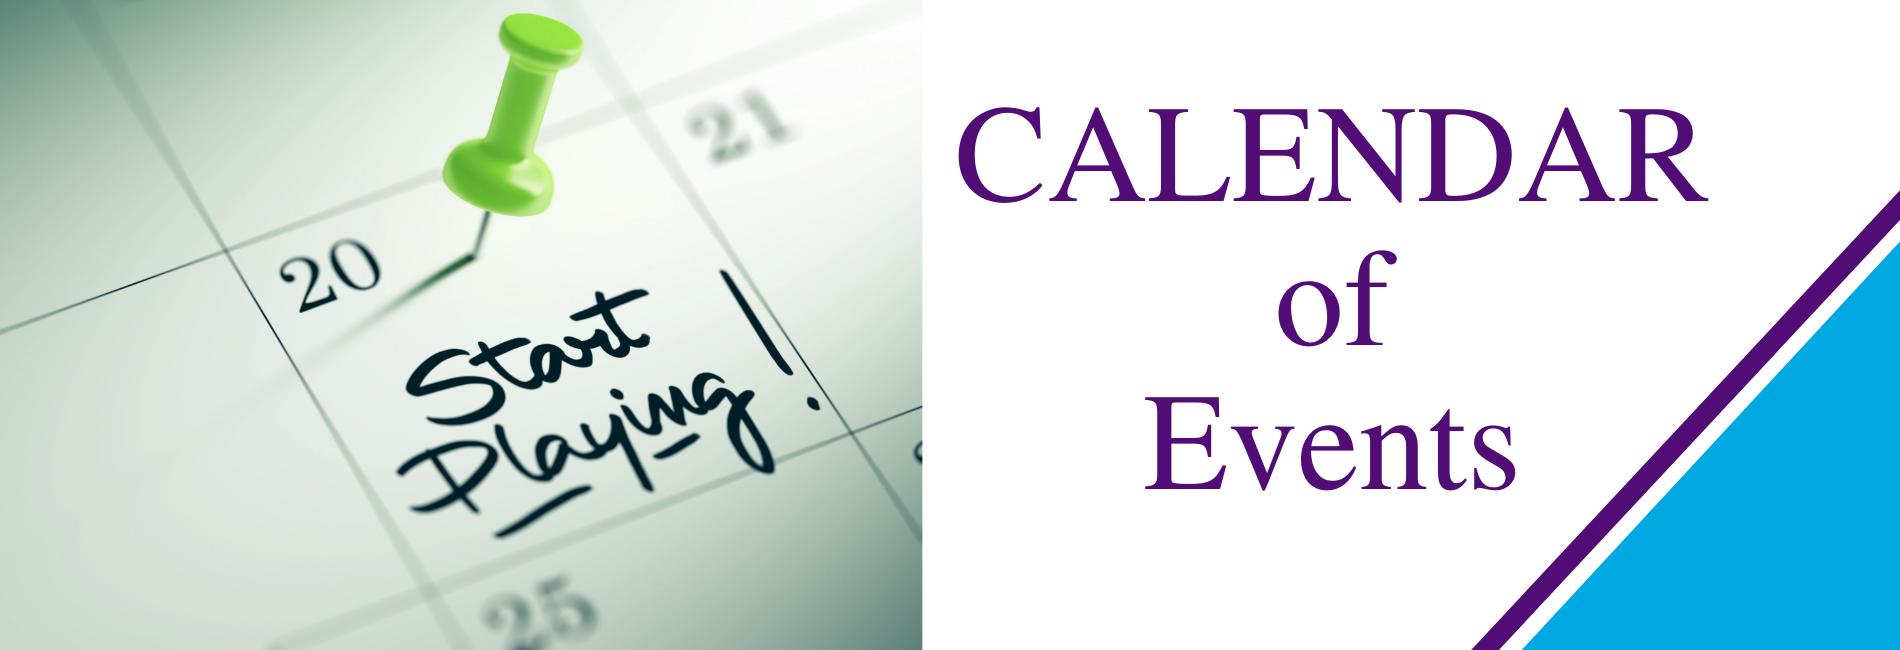 Intramurals Calendar